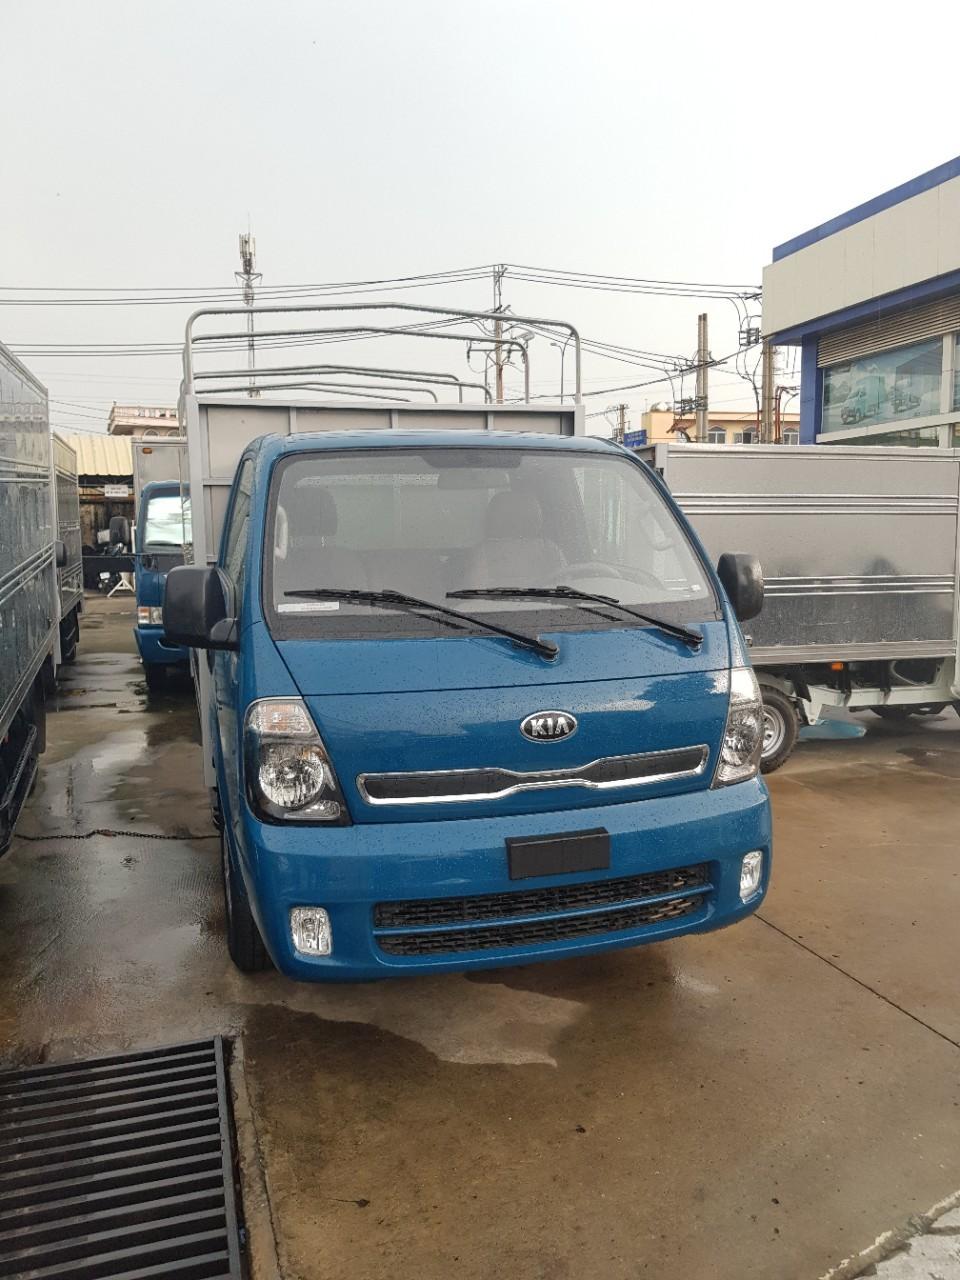 Xe tải kia k200 động cơ HuynDai mua trả góp qua ngân hàng. xe tải kia k200 tải 1 tấn 9 máy điện mua TRẢ GÓP 80% Ảnh số 41946292